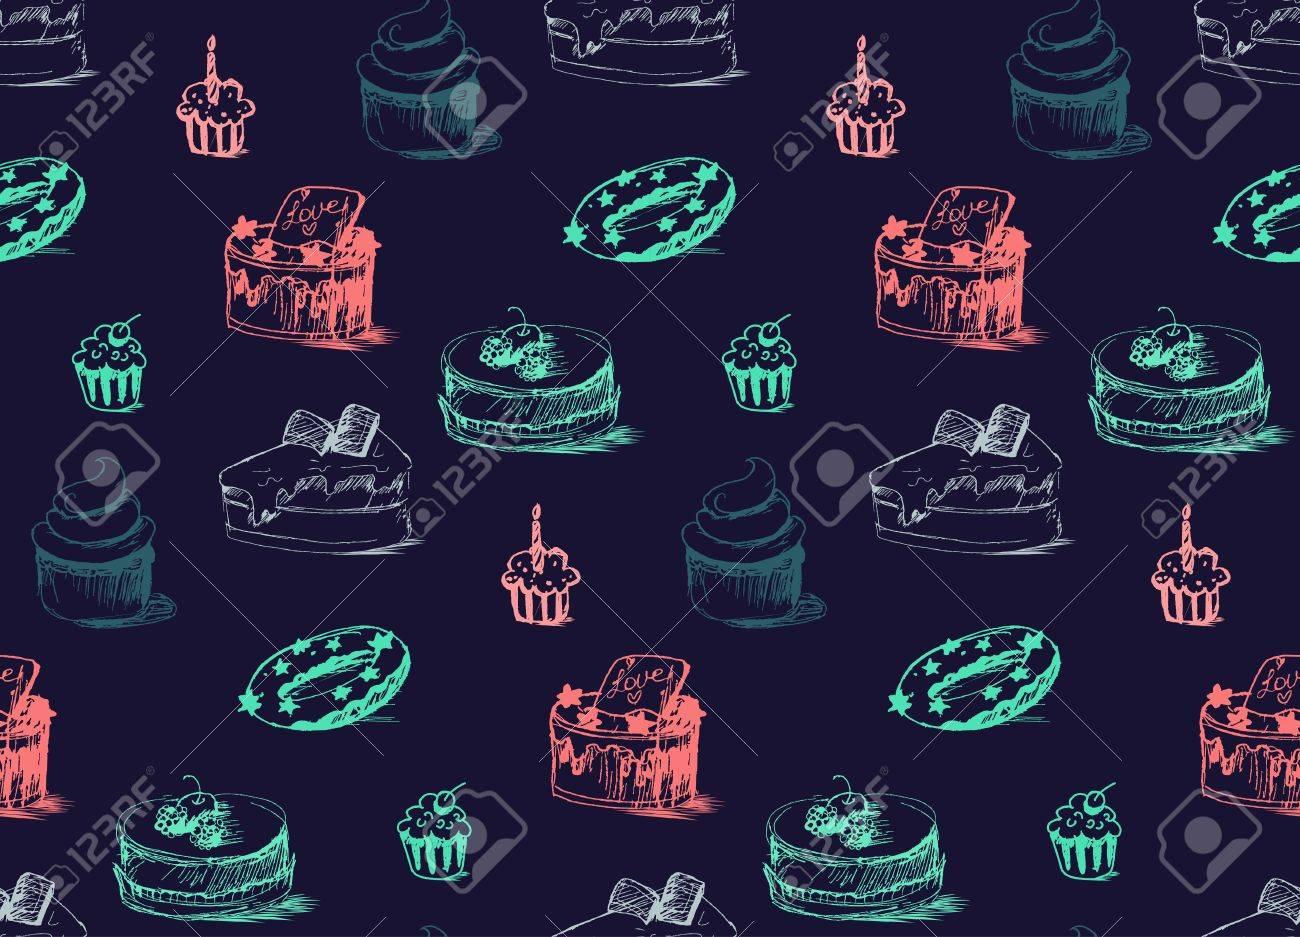 おいしいケーキのシームレスなパターン クリーム食品背景 パン屋さんのステッカーやラップ 印刷およびファブリック お菓子 甘い壁紙 ベクトルのイラスト素材 ベクタ Image